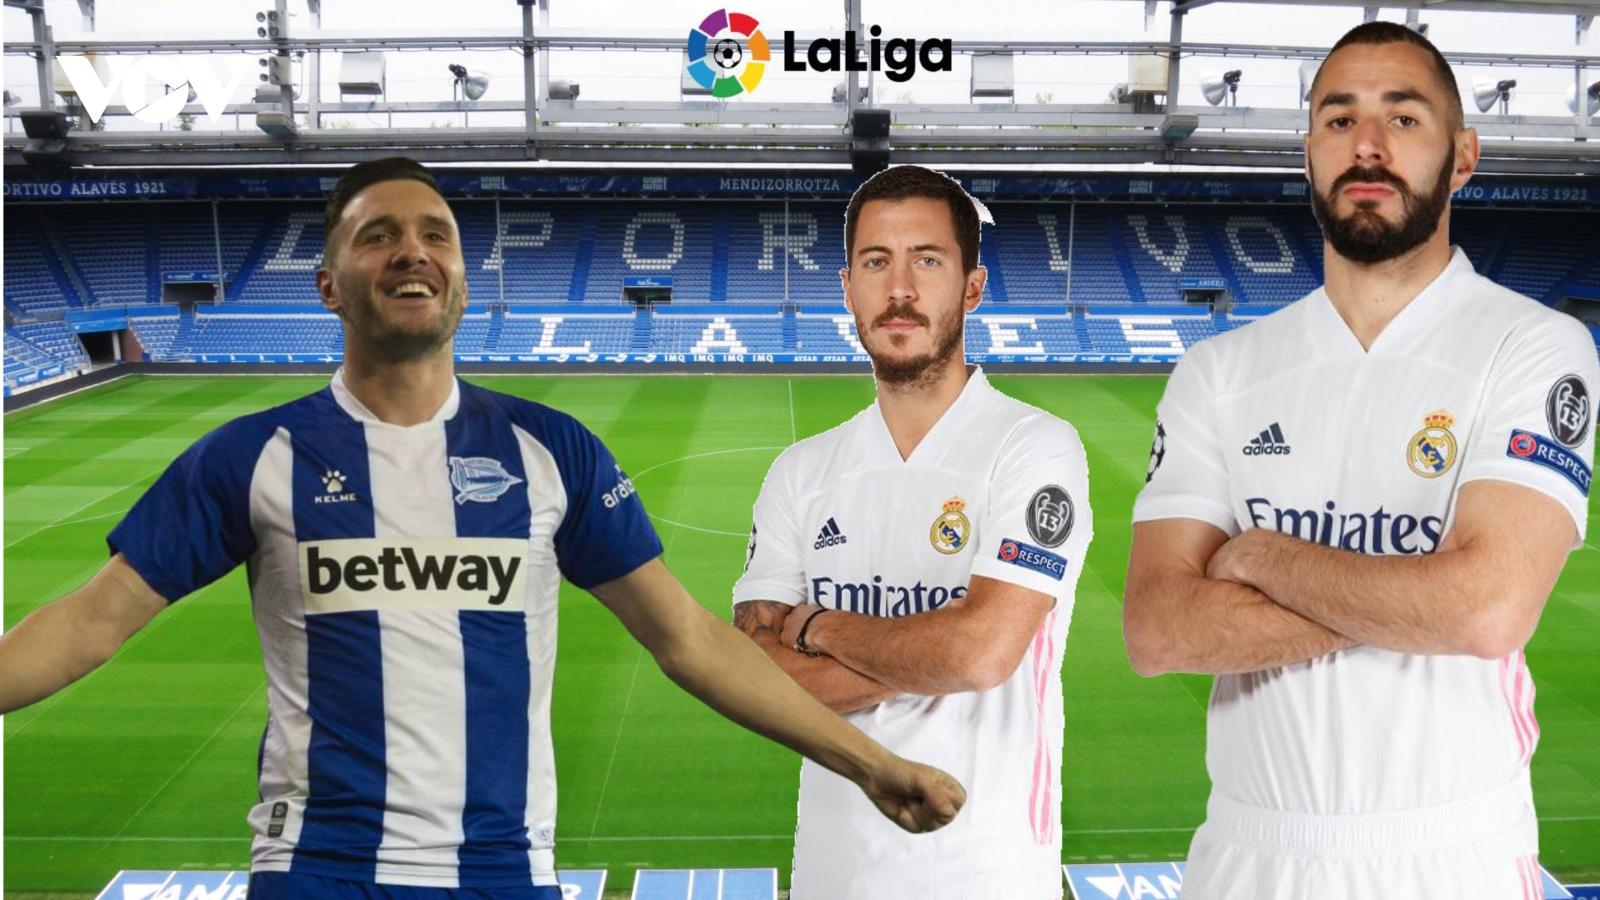 Dự đoán kết quả, đội hình xuất phát trận Alaves - Real Madrid